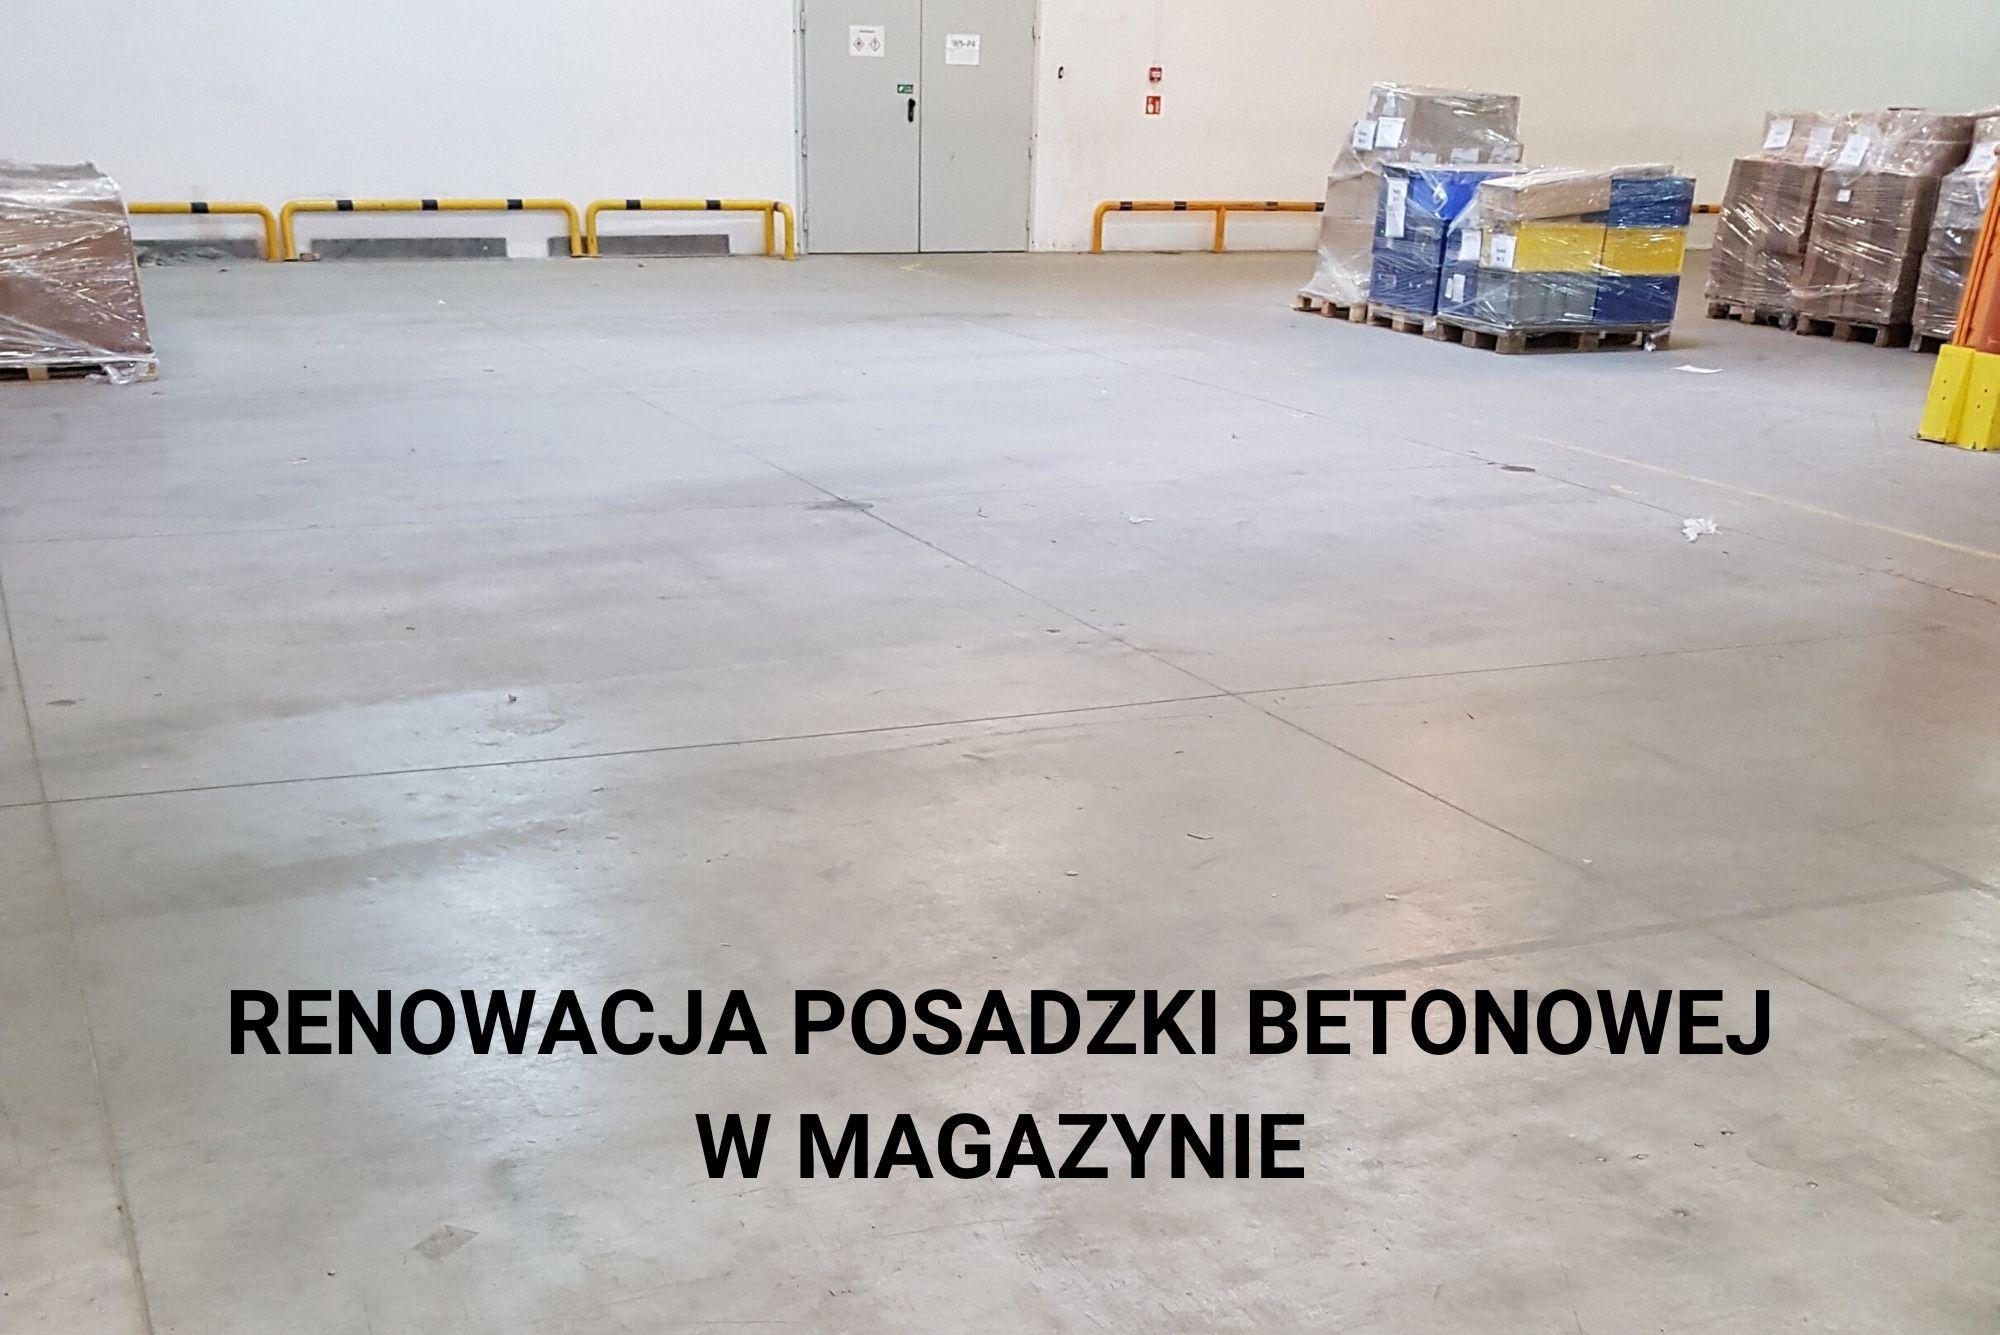 renowacja posadzki betonowej w hali magazynowej